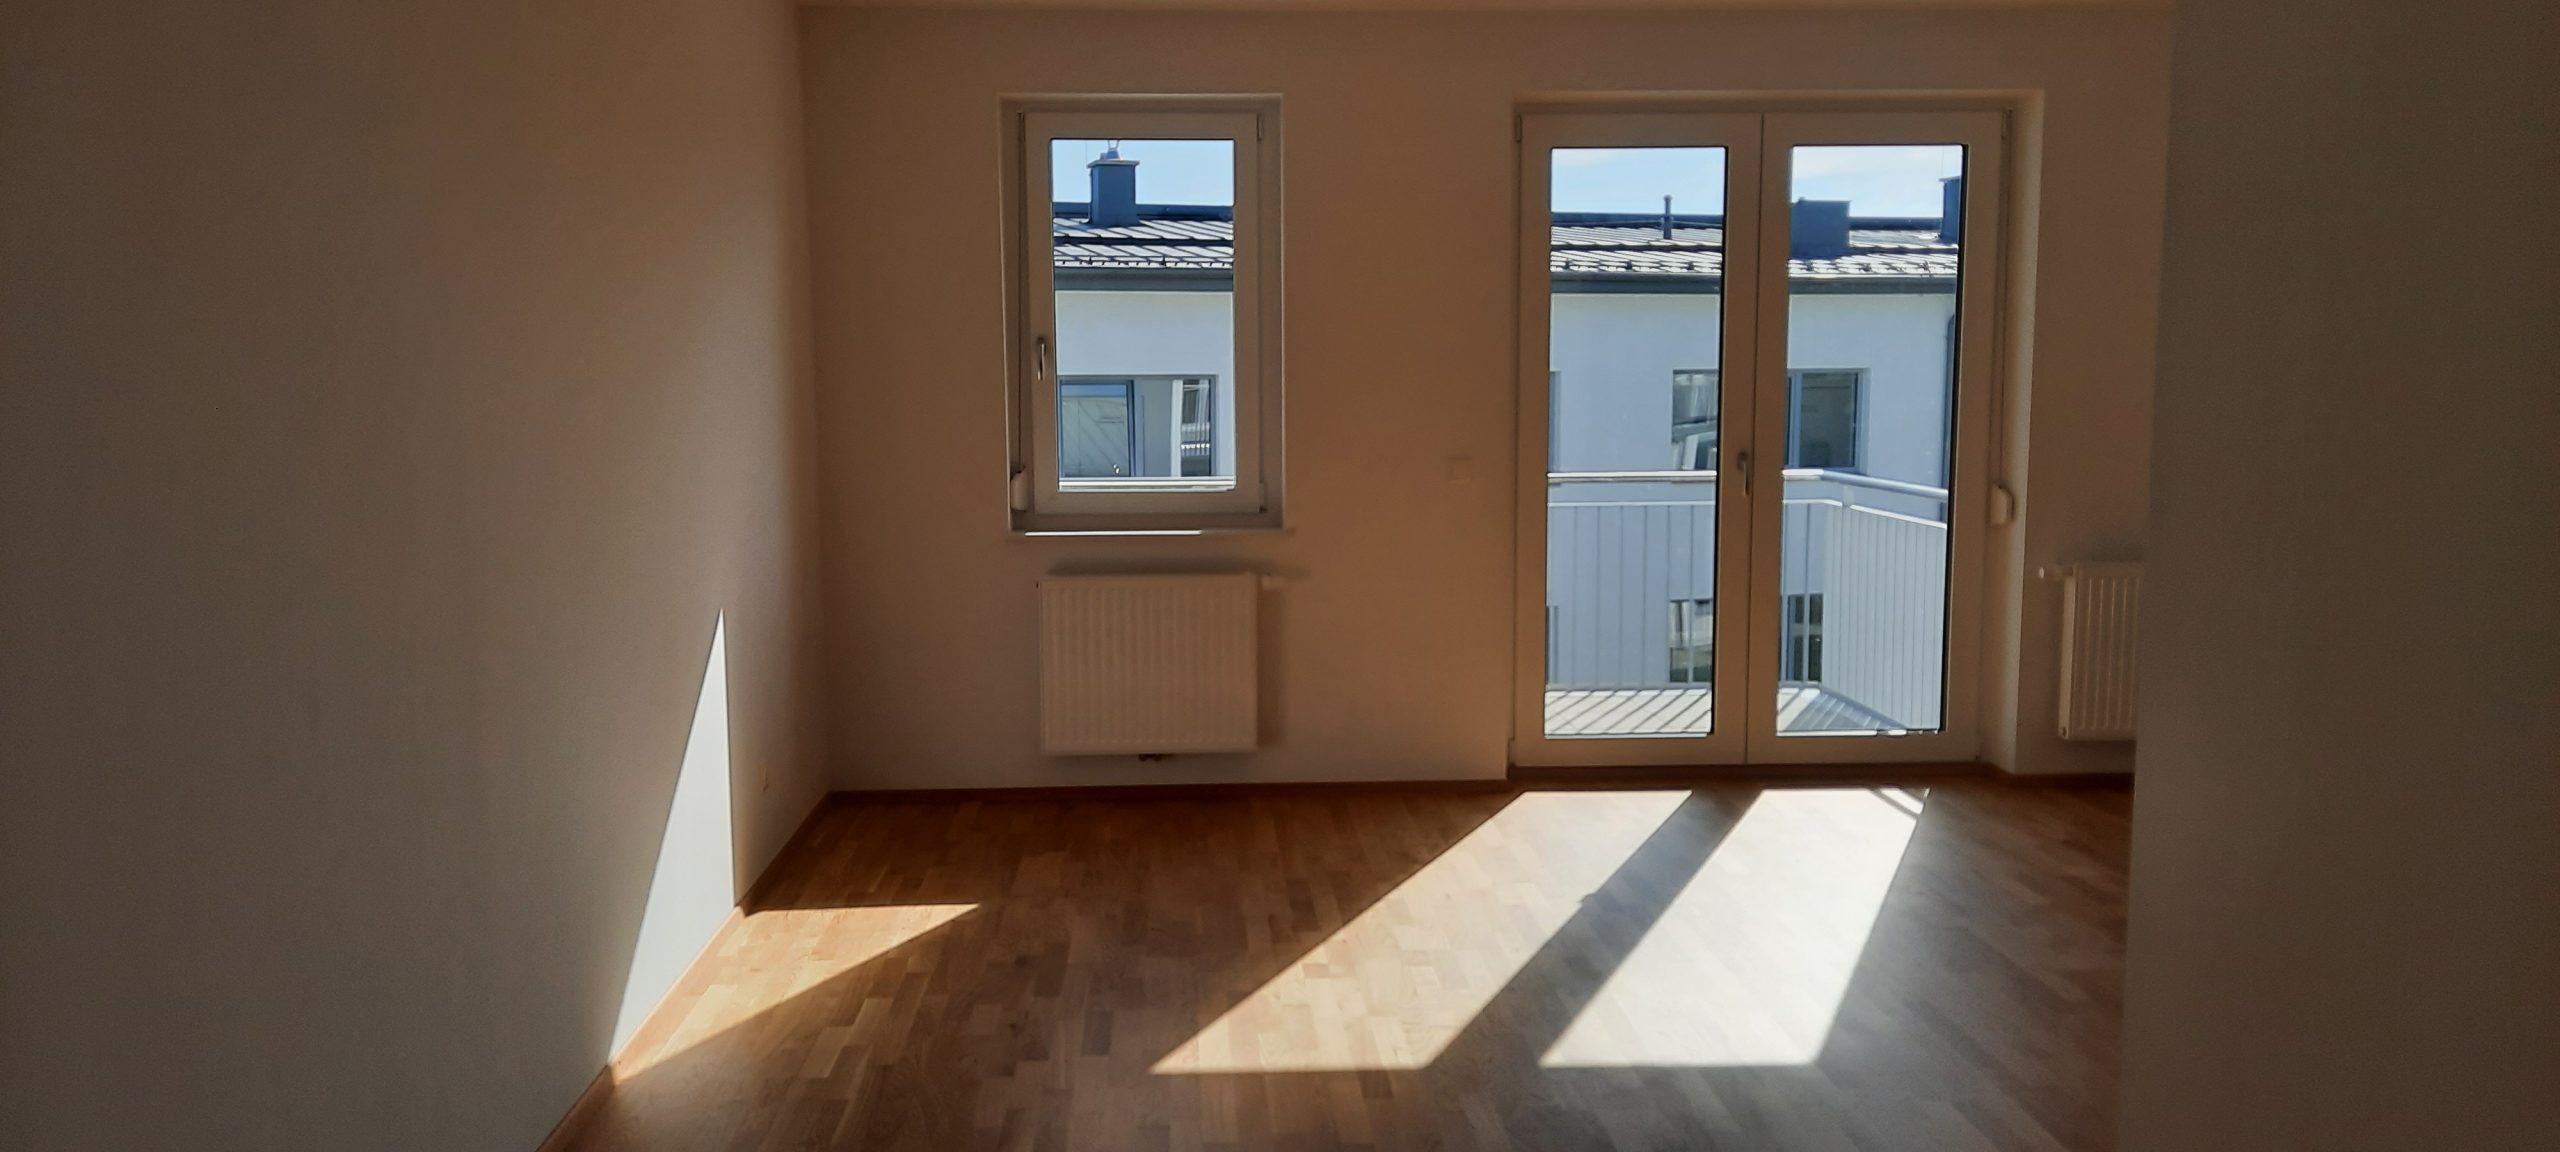 Immobilie von Kamptal in 3542 Gföhl, Krems(Land), Gföhl V/3 - Top 513 #0